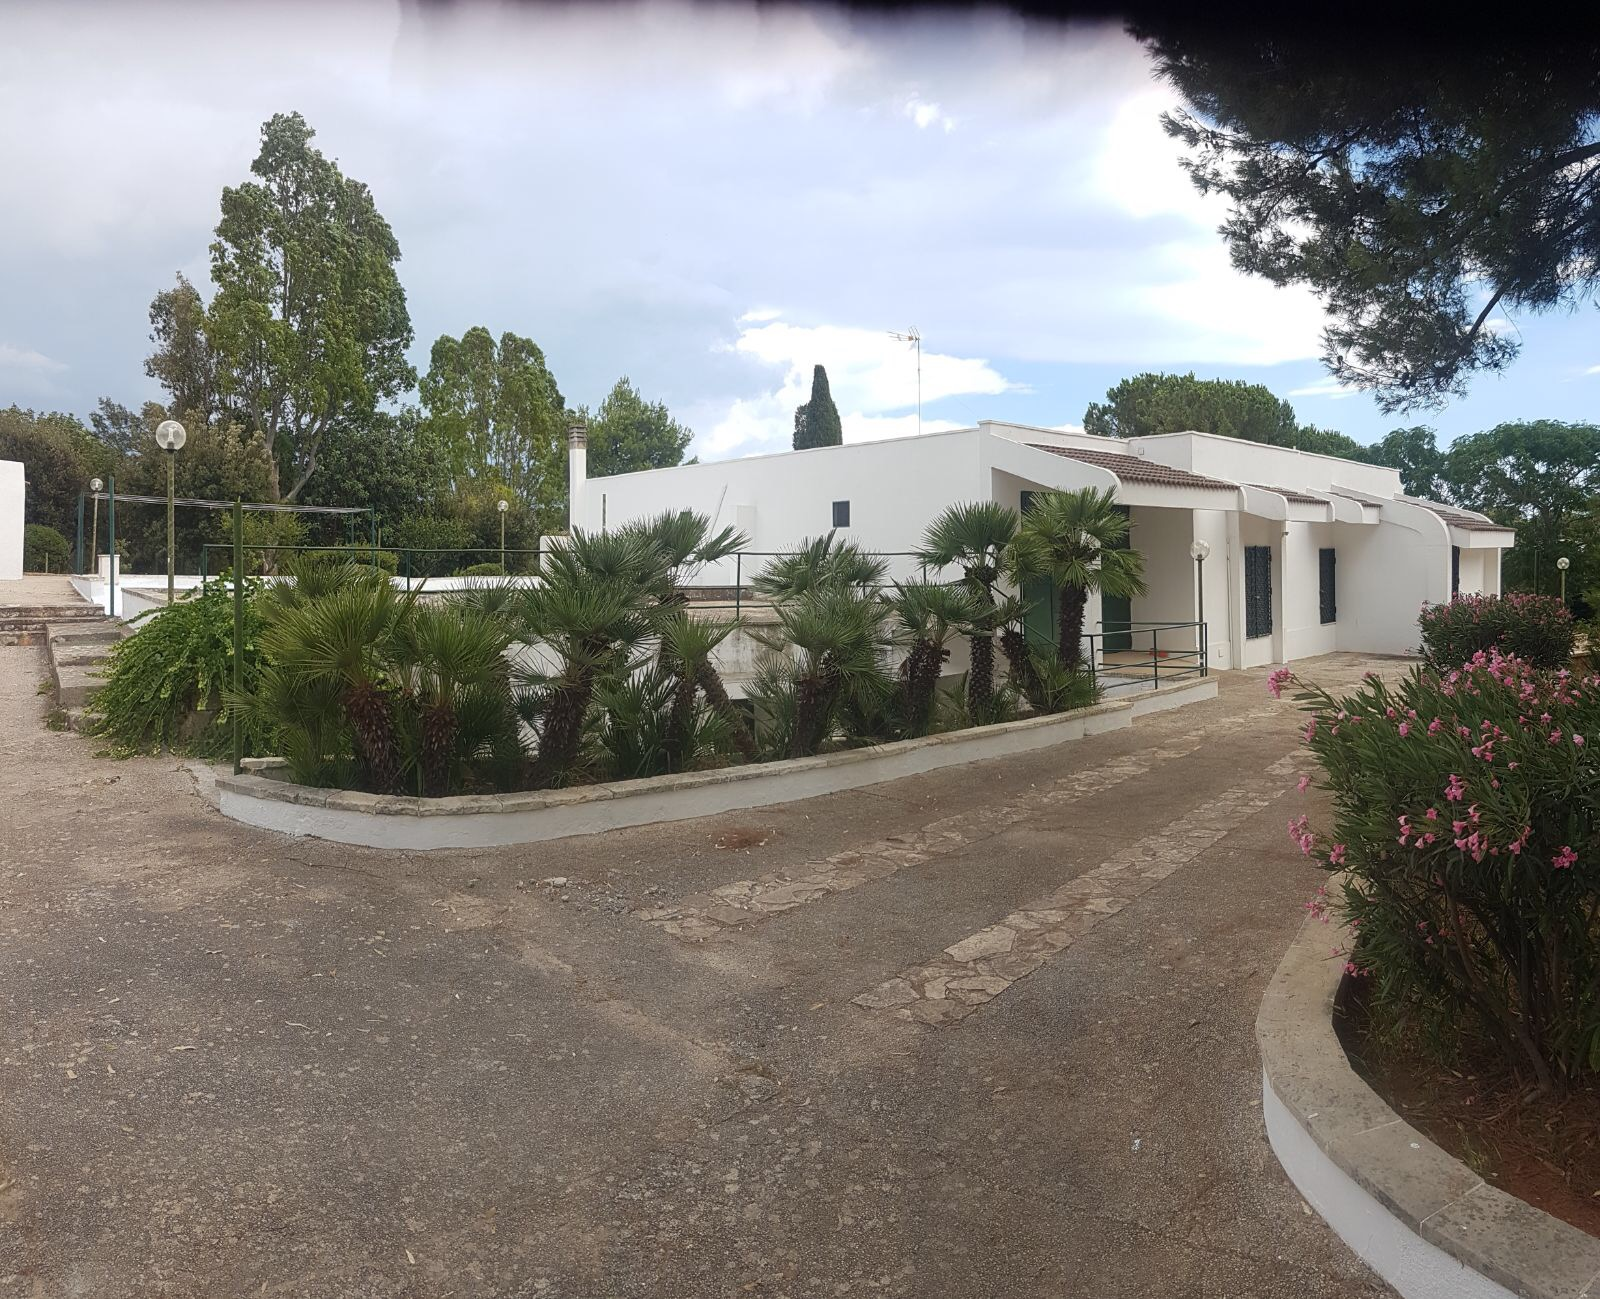 Villa con giardino e strutture sportive su circa 2 ettari (Torre San Giovanni)